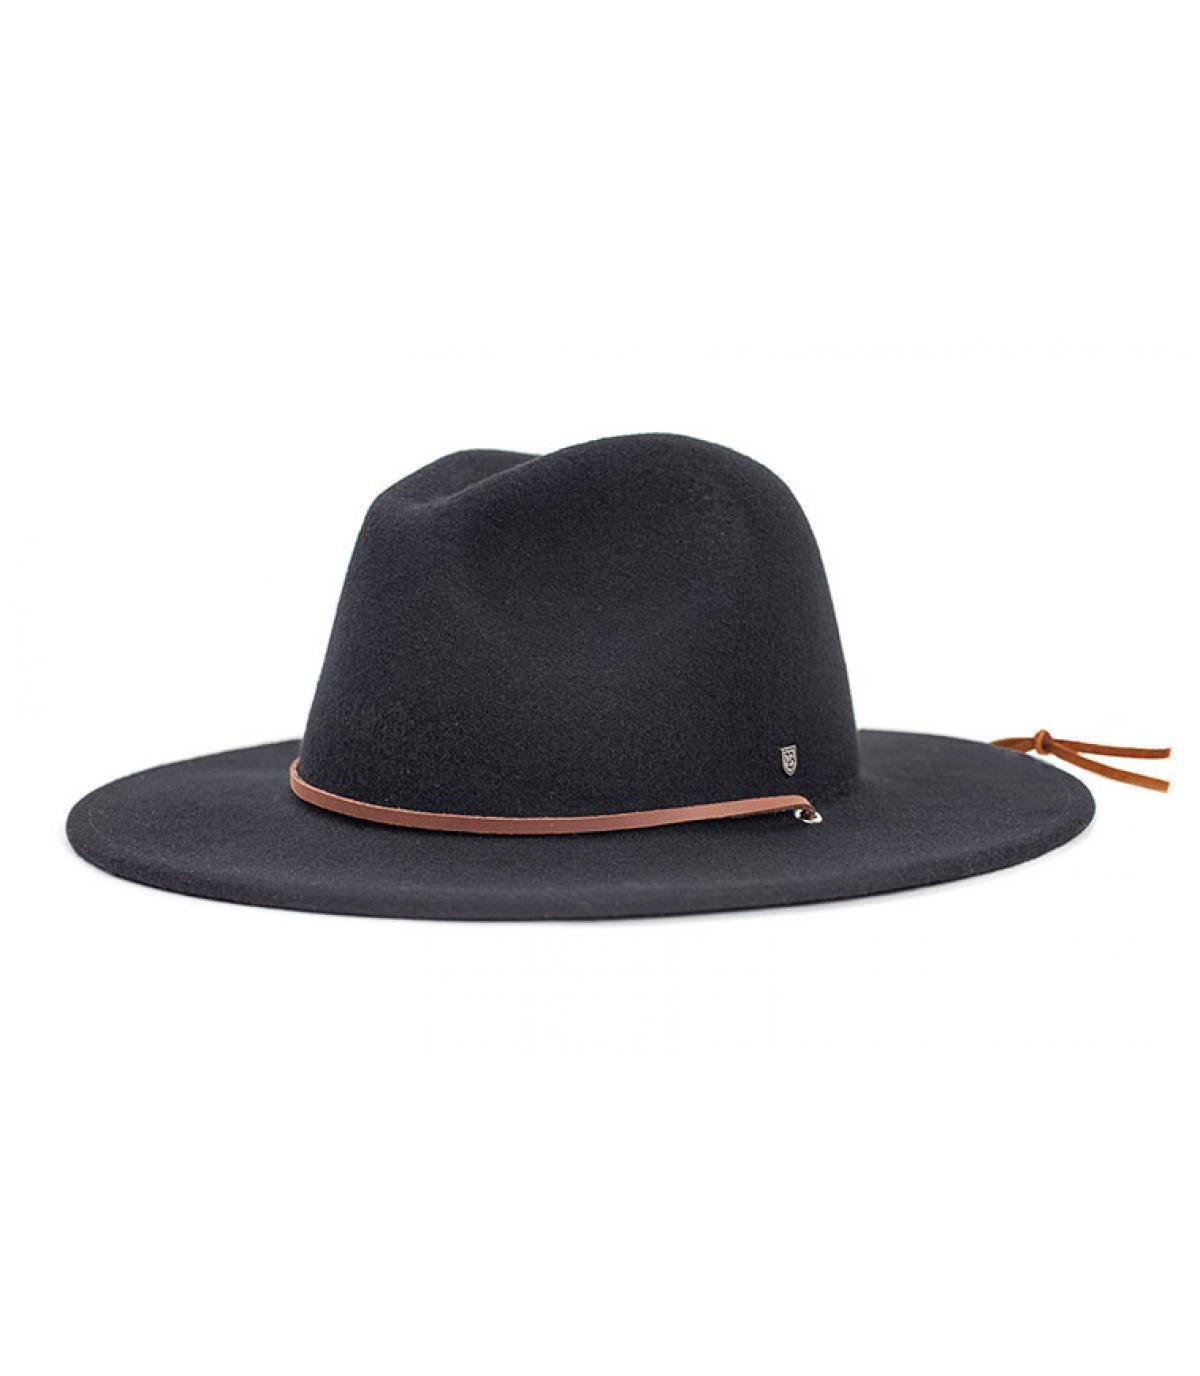 Chapeau bord long noir